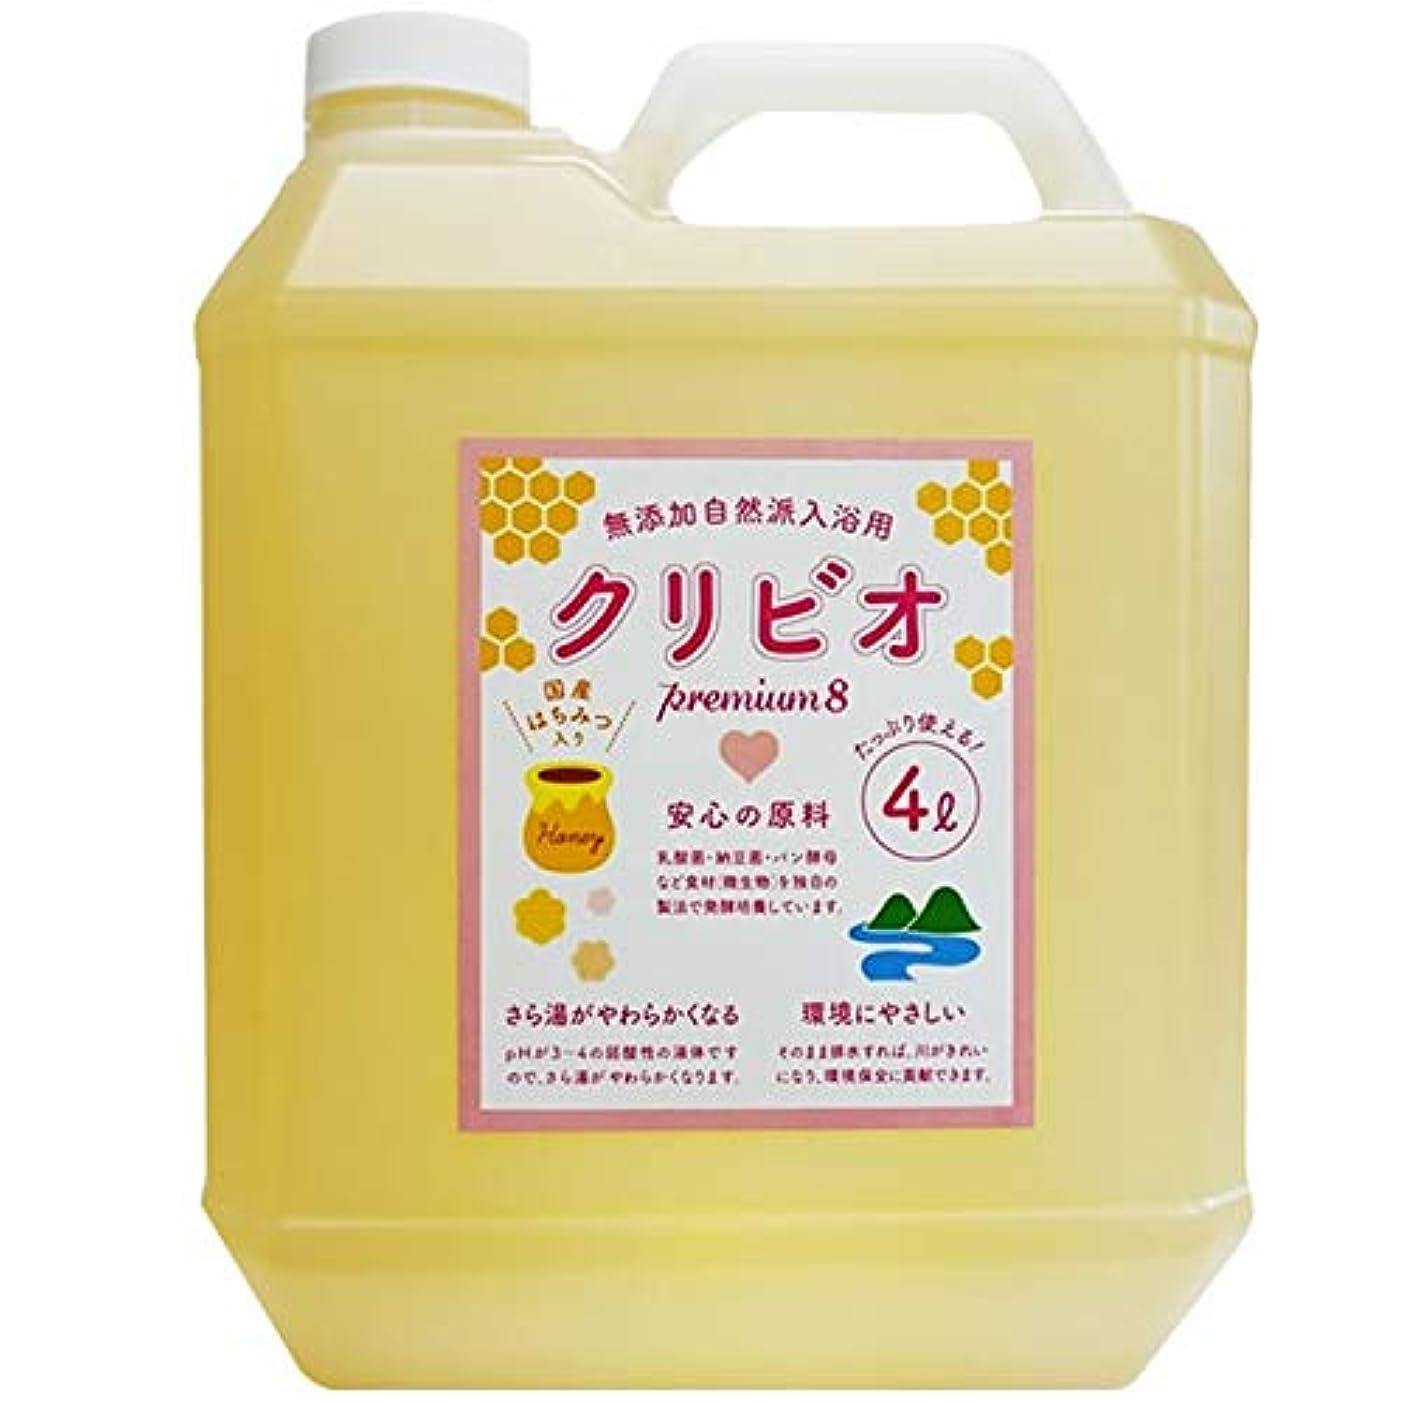 大声でラリー空国産蜂蜜乳酸菌入り 自然派入浴用クリビオpremium8 4リットルお徳用*計量カップ?L型ノズル付【無添加】